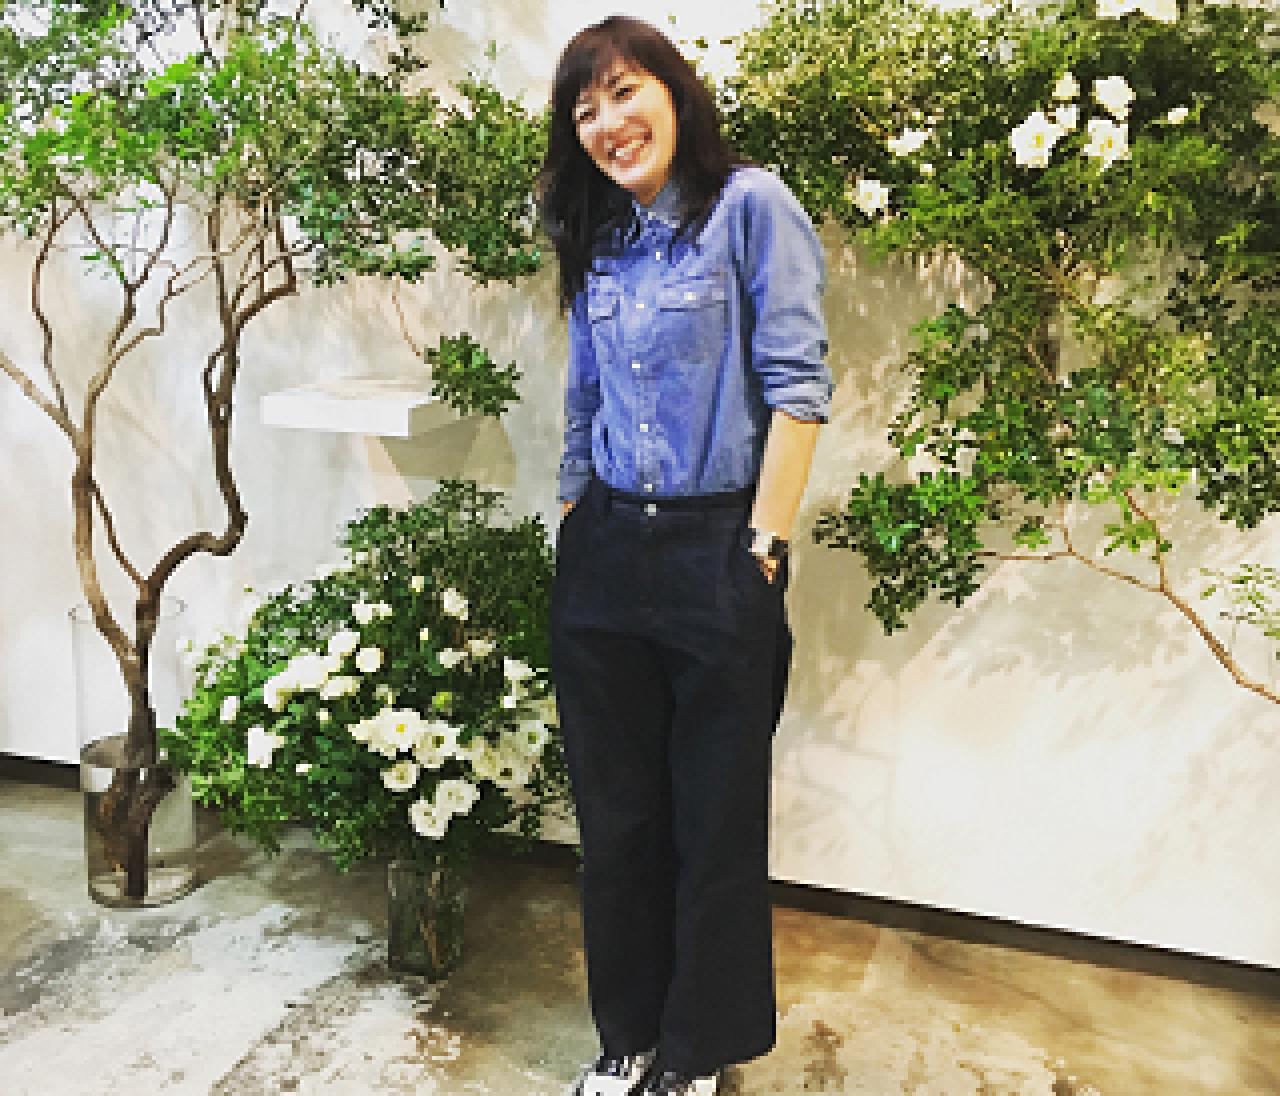 【SINME】板谷由夏さんのデニムブランドがブレイク必至!